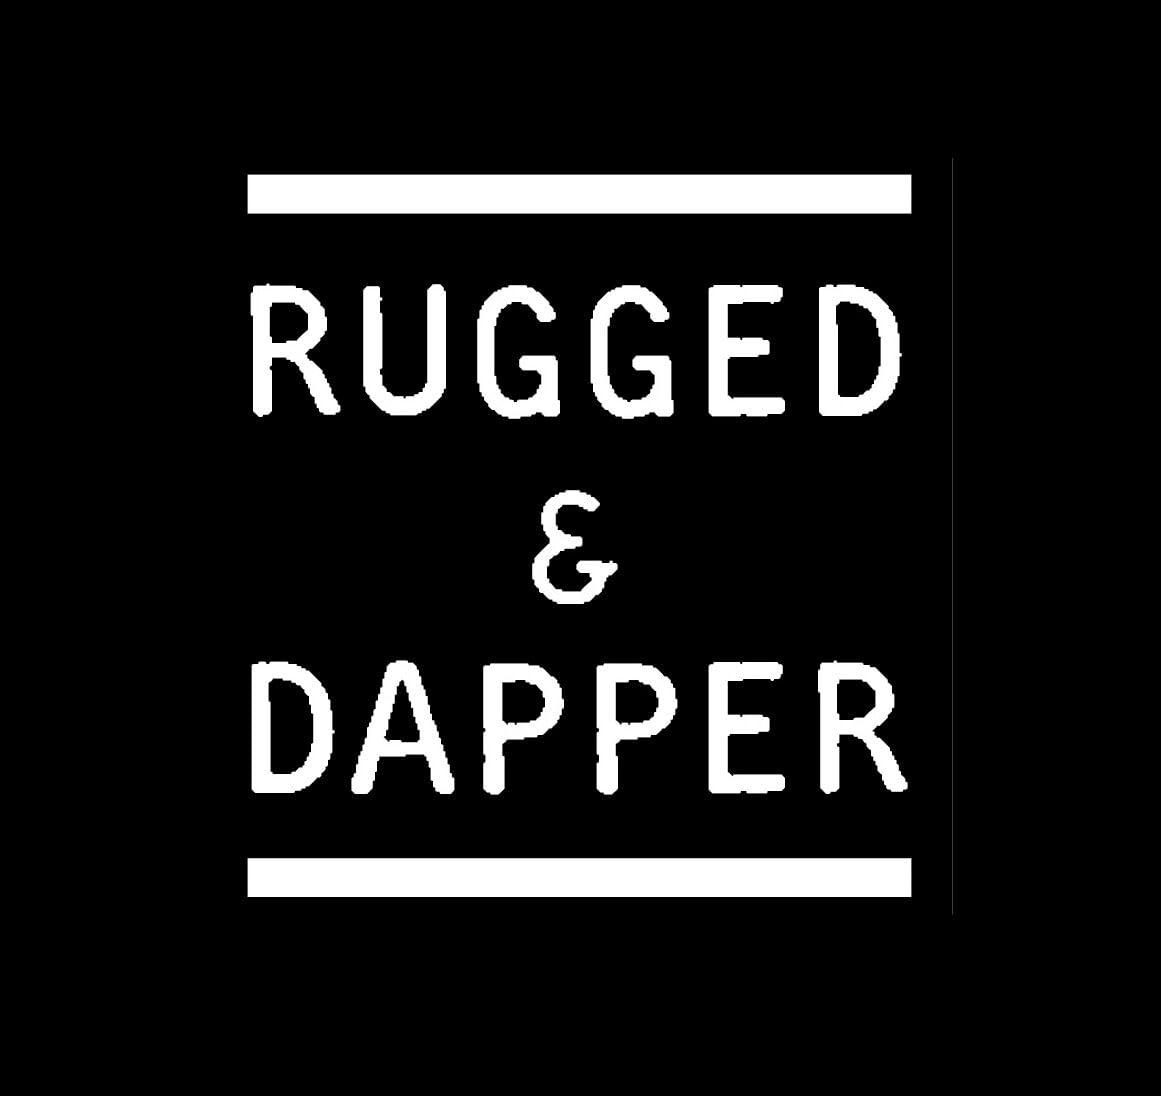 RUGGED & DAPPER